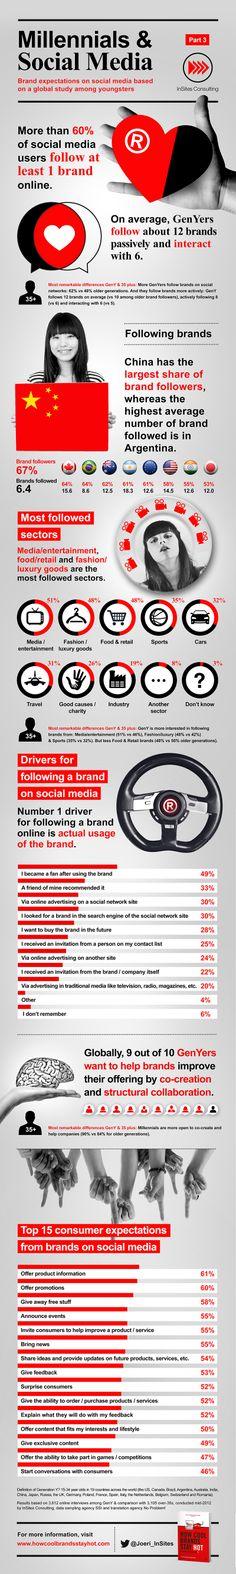 Infographic Millennials and Social Media: wat verwachten jongeren van merken op social media?